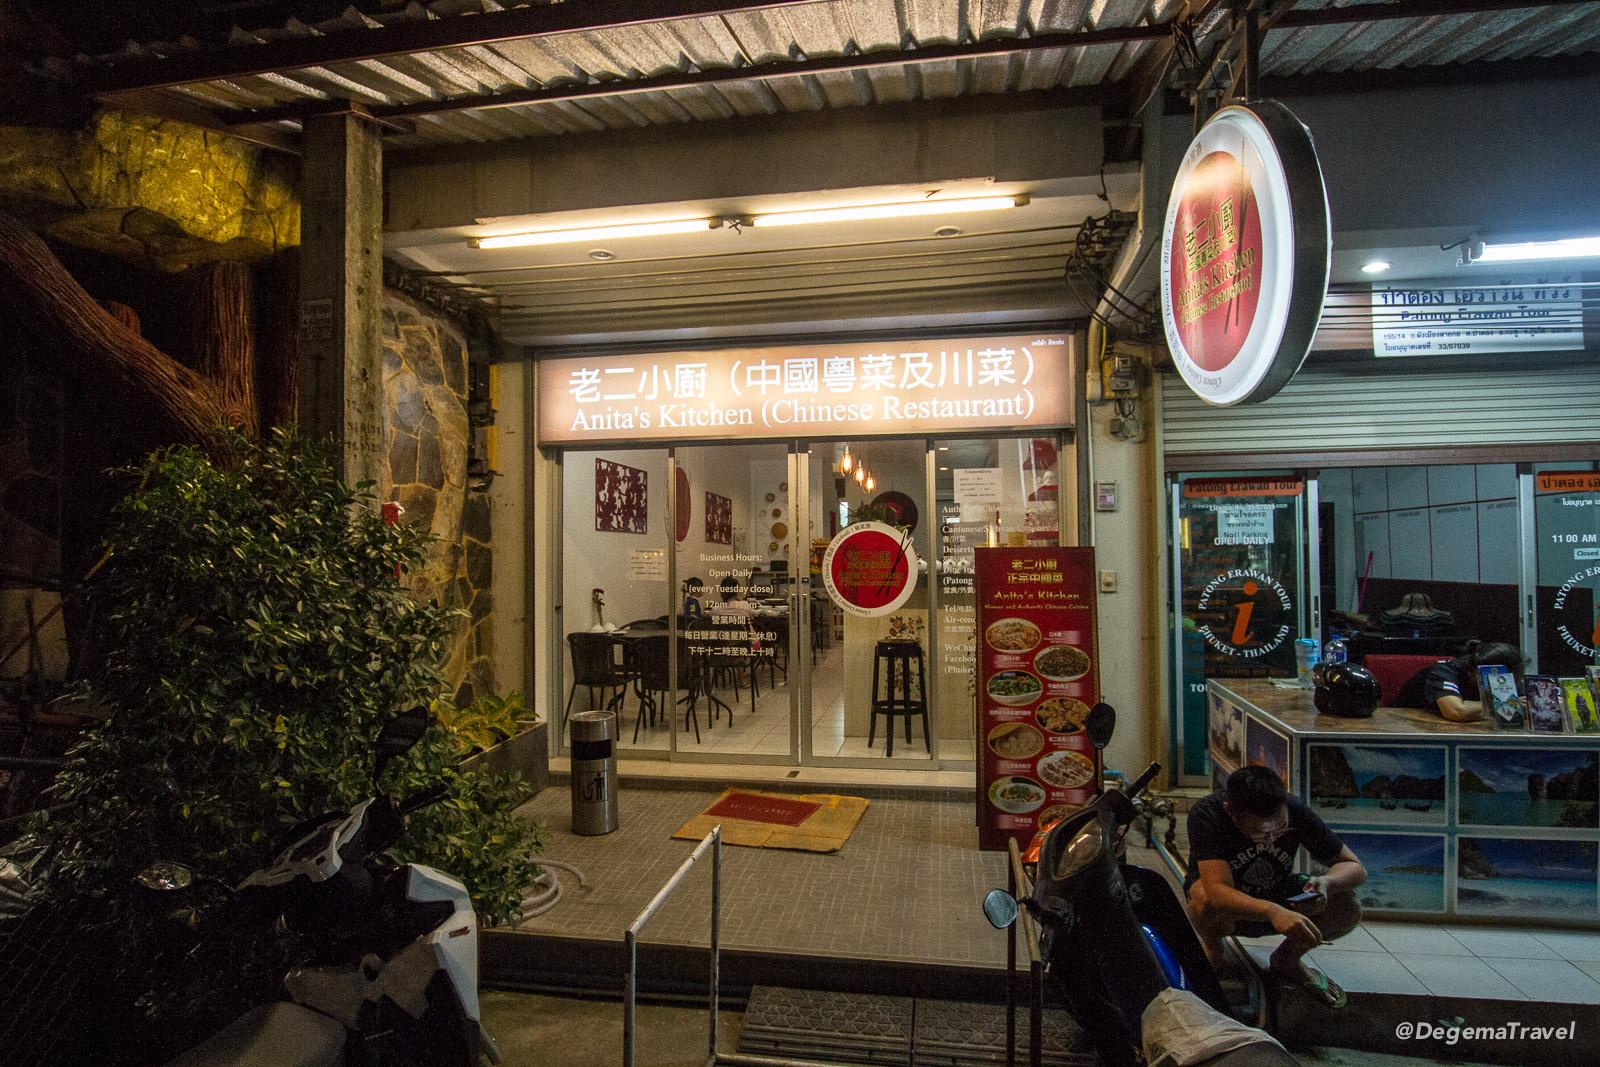 Anita's Kitchen in Patong, Phuket, Thailand